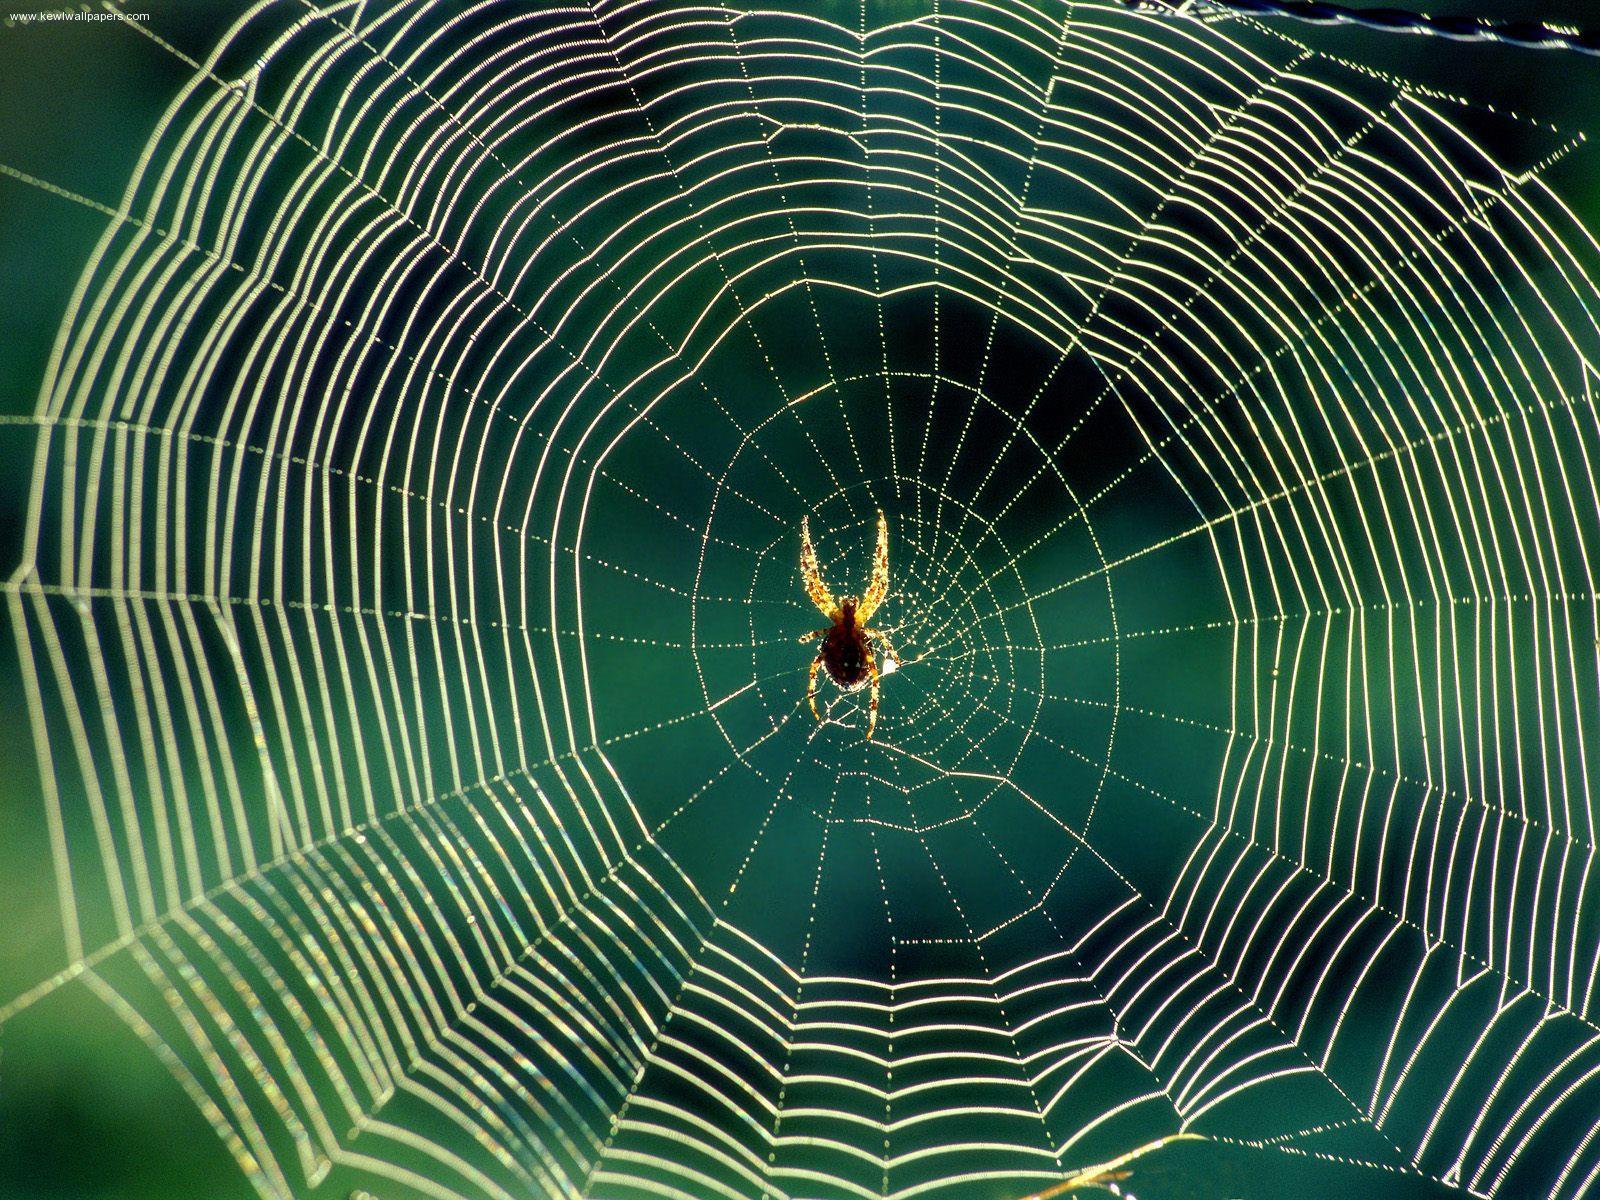 Drawn spider web spiral  Webs Proofs #91 God: